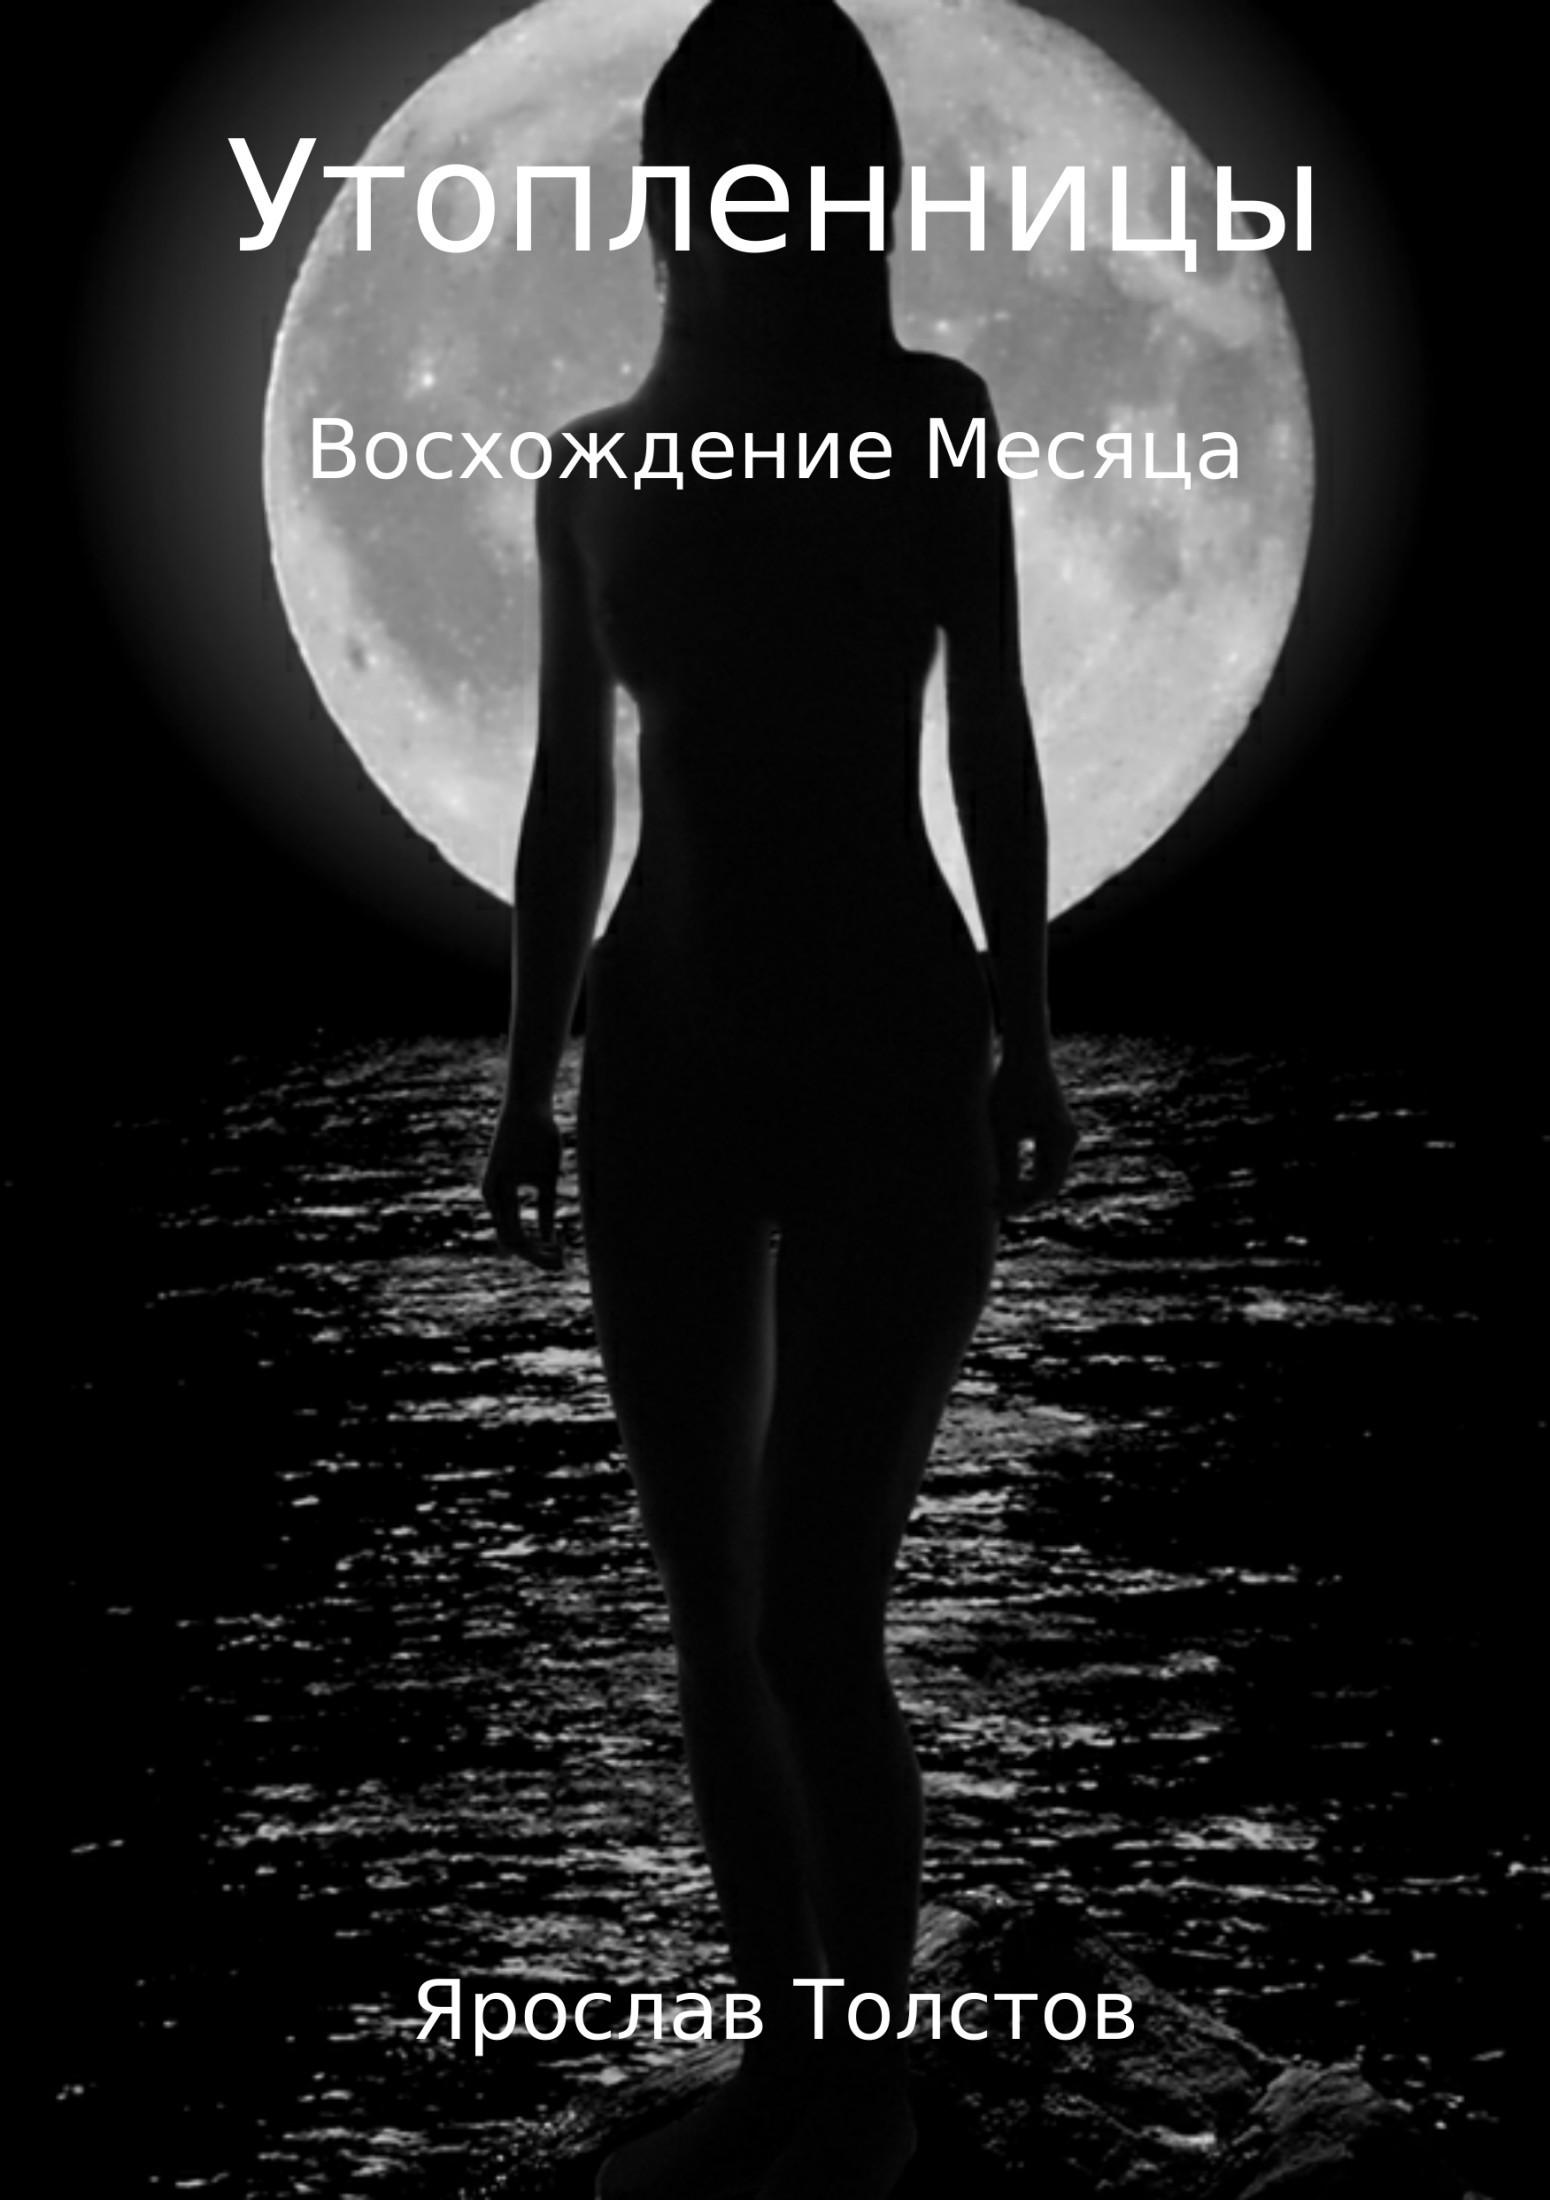 Ярослав Толстов - Утопленницы. Восхождение Месяца